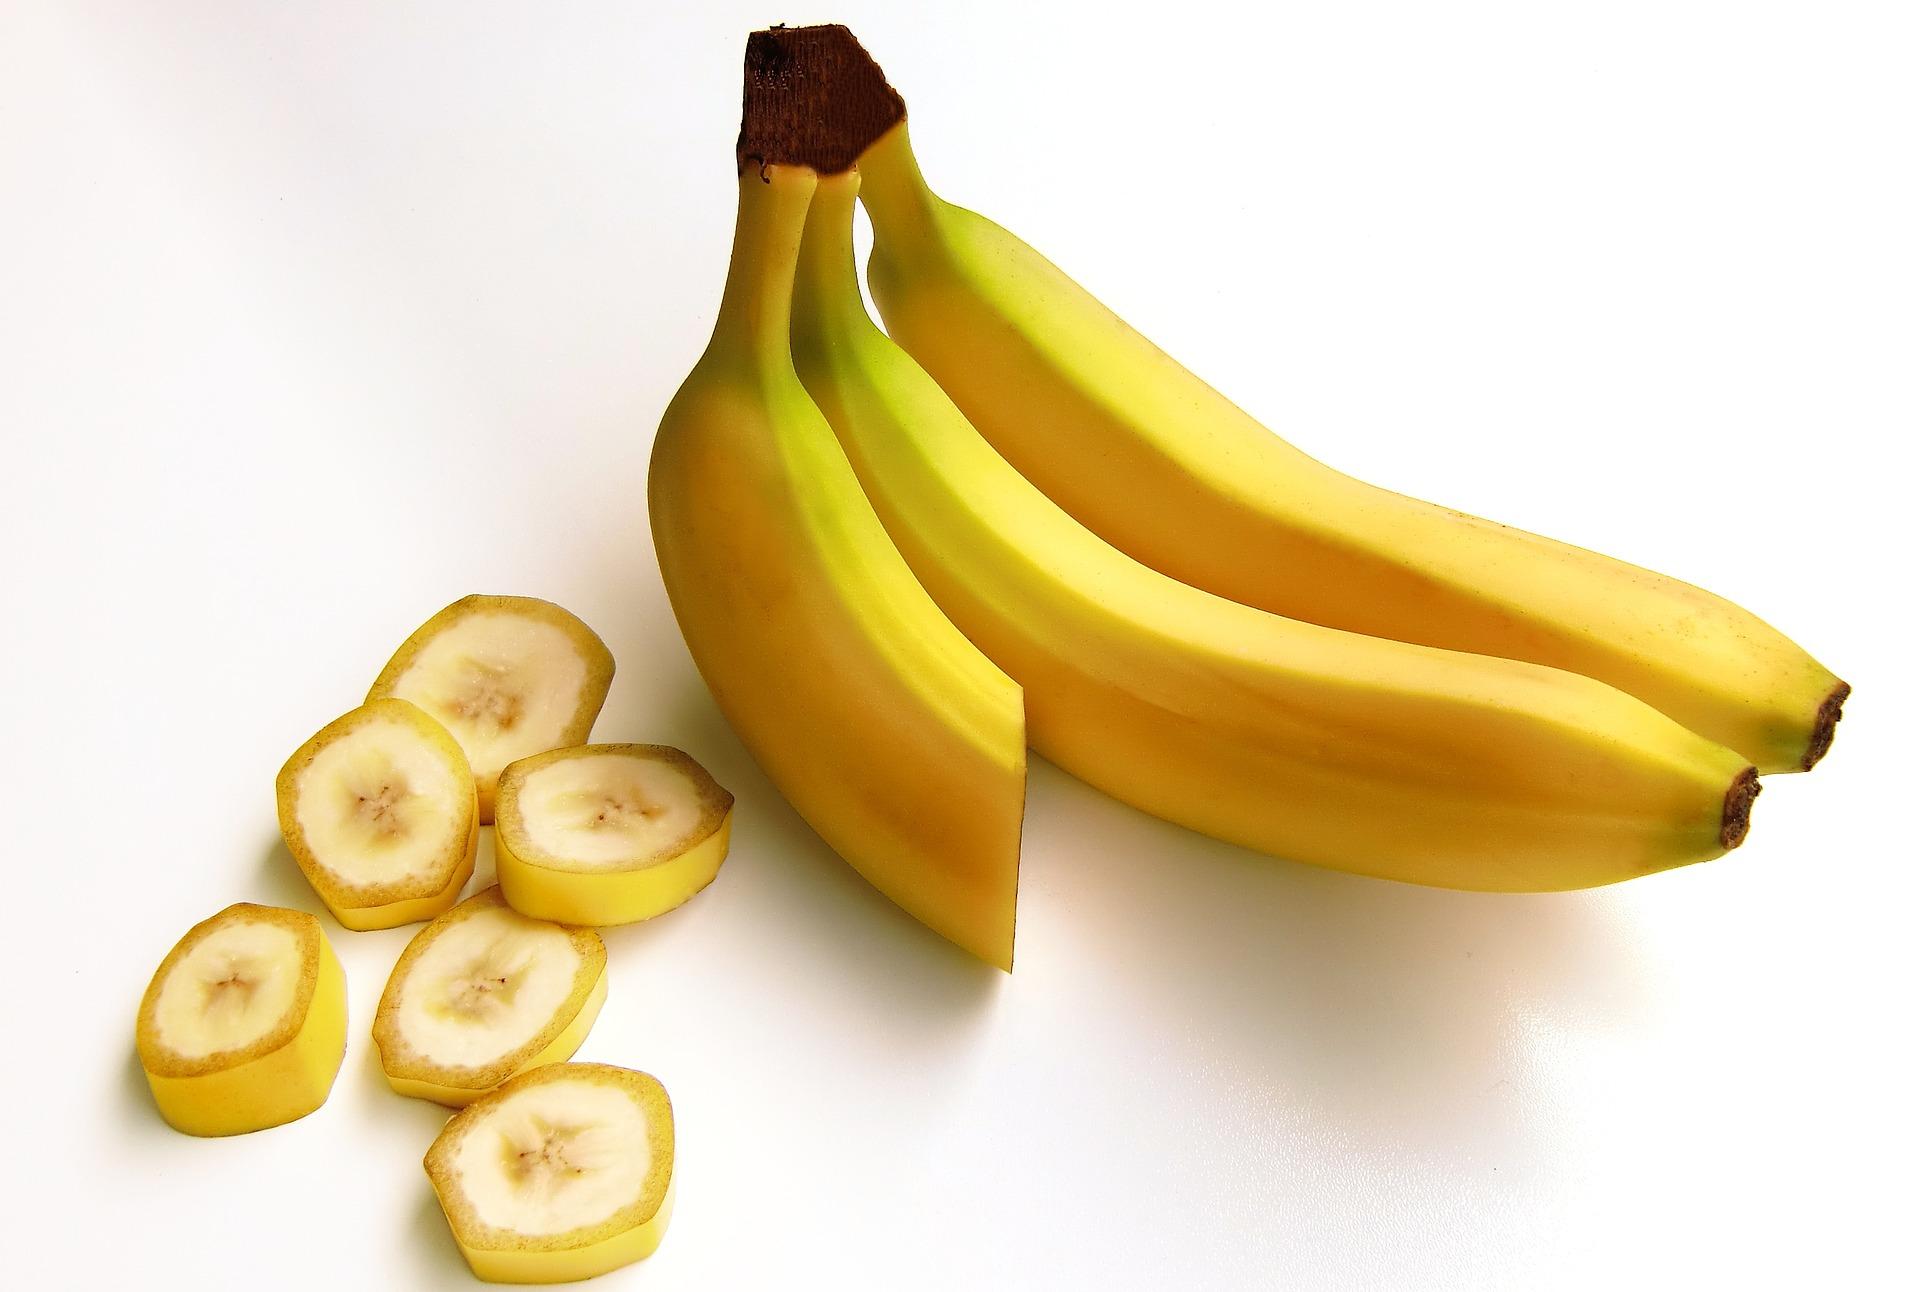 ماذا يحدث لجسمك عند أكل الموز قبل النوم